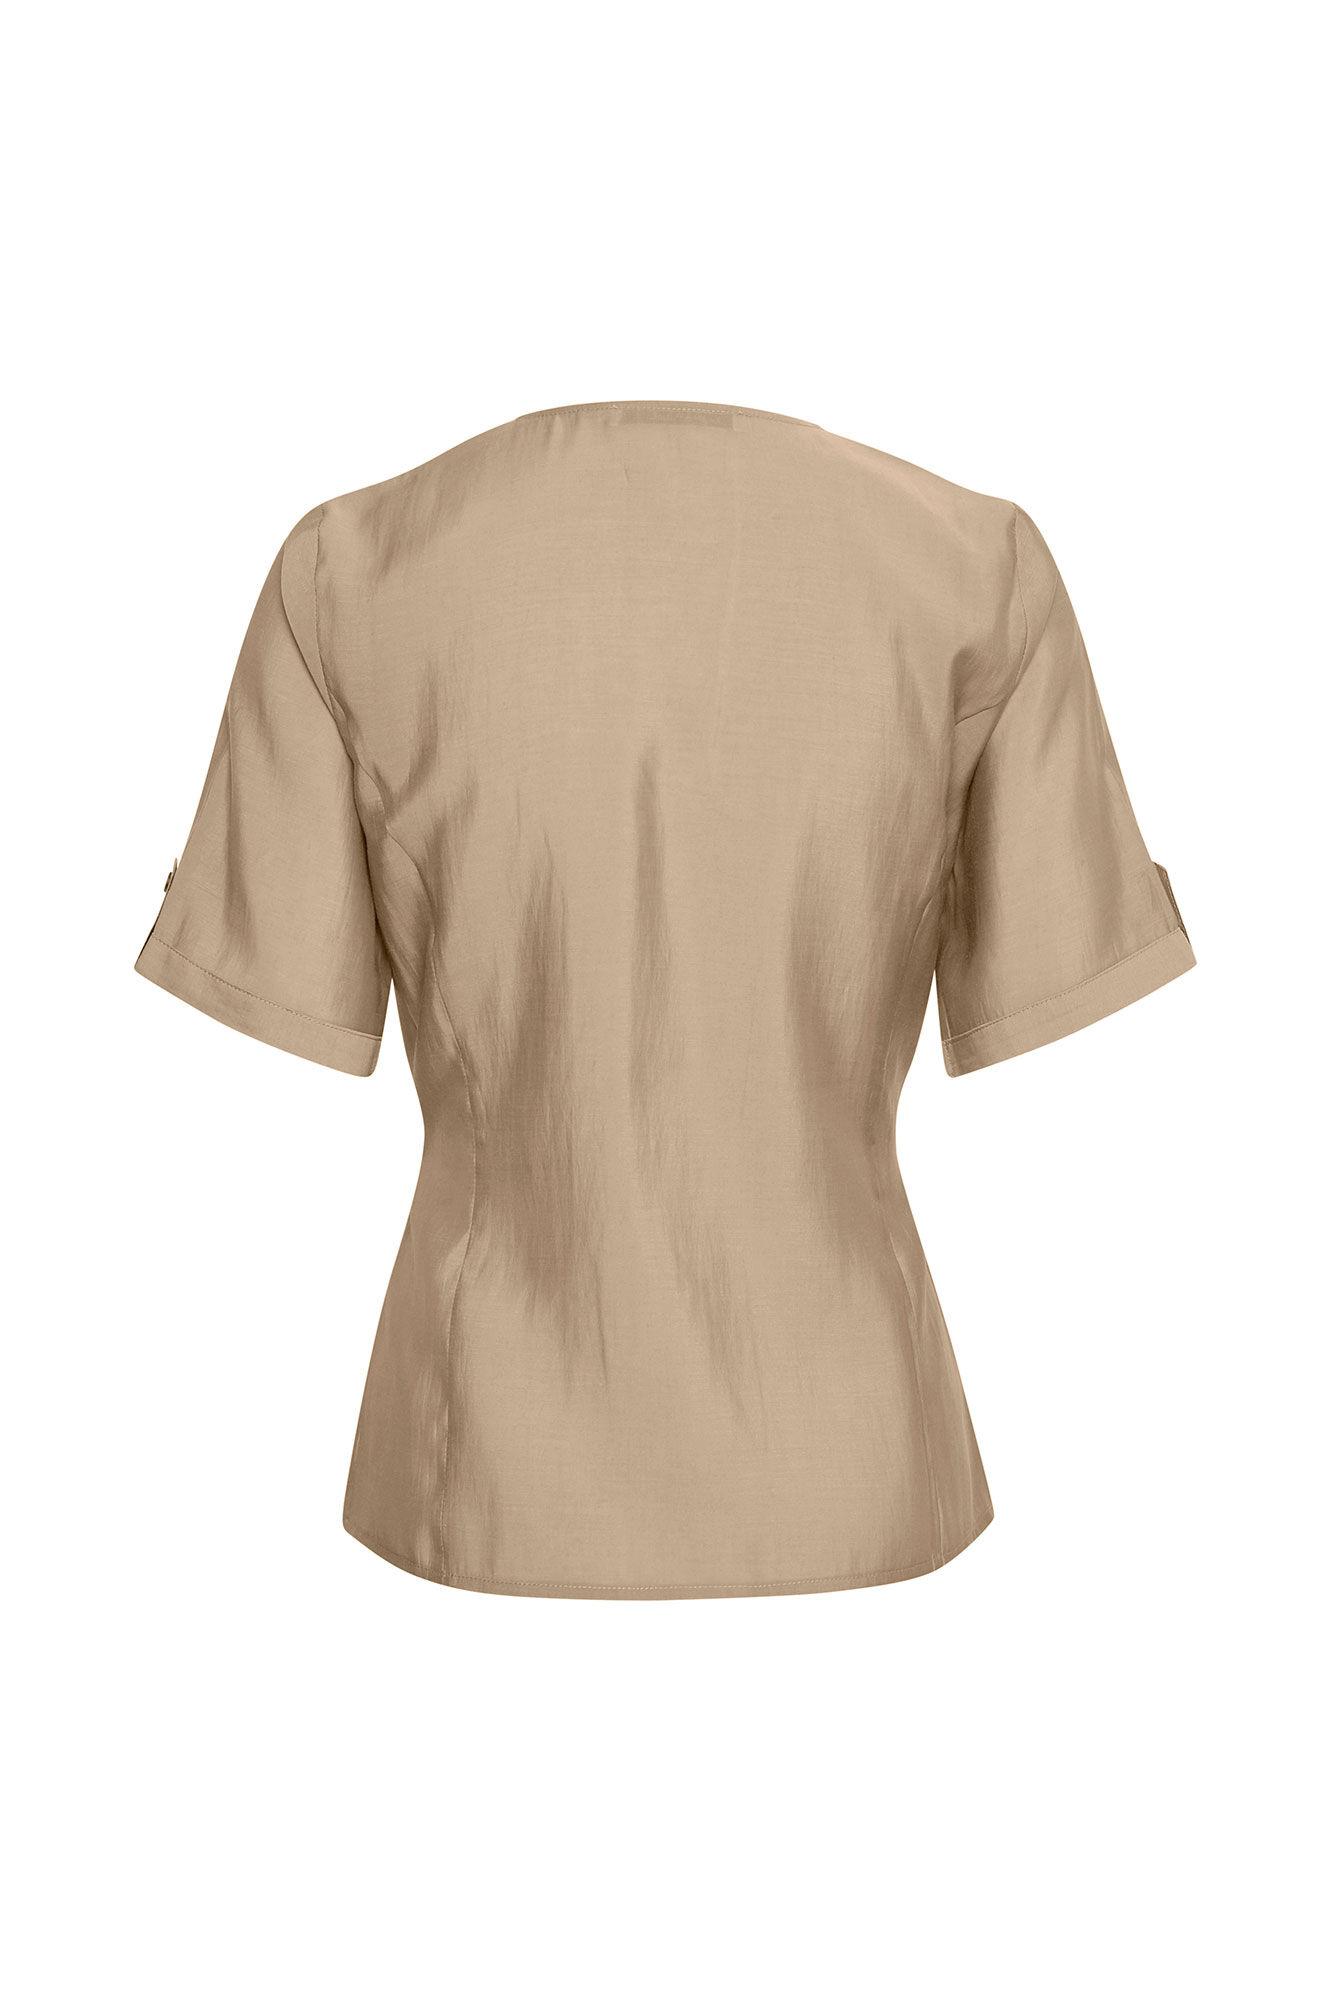 Ariennegz shirt 10903327, DUNE